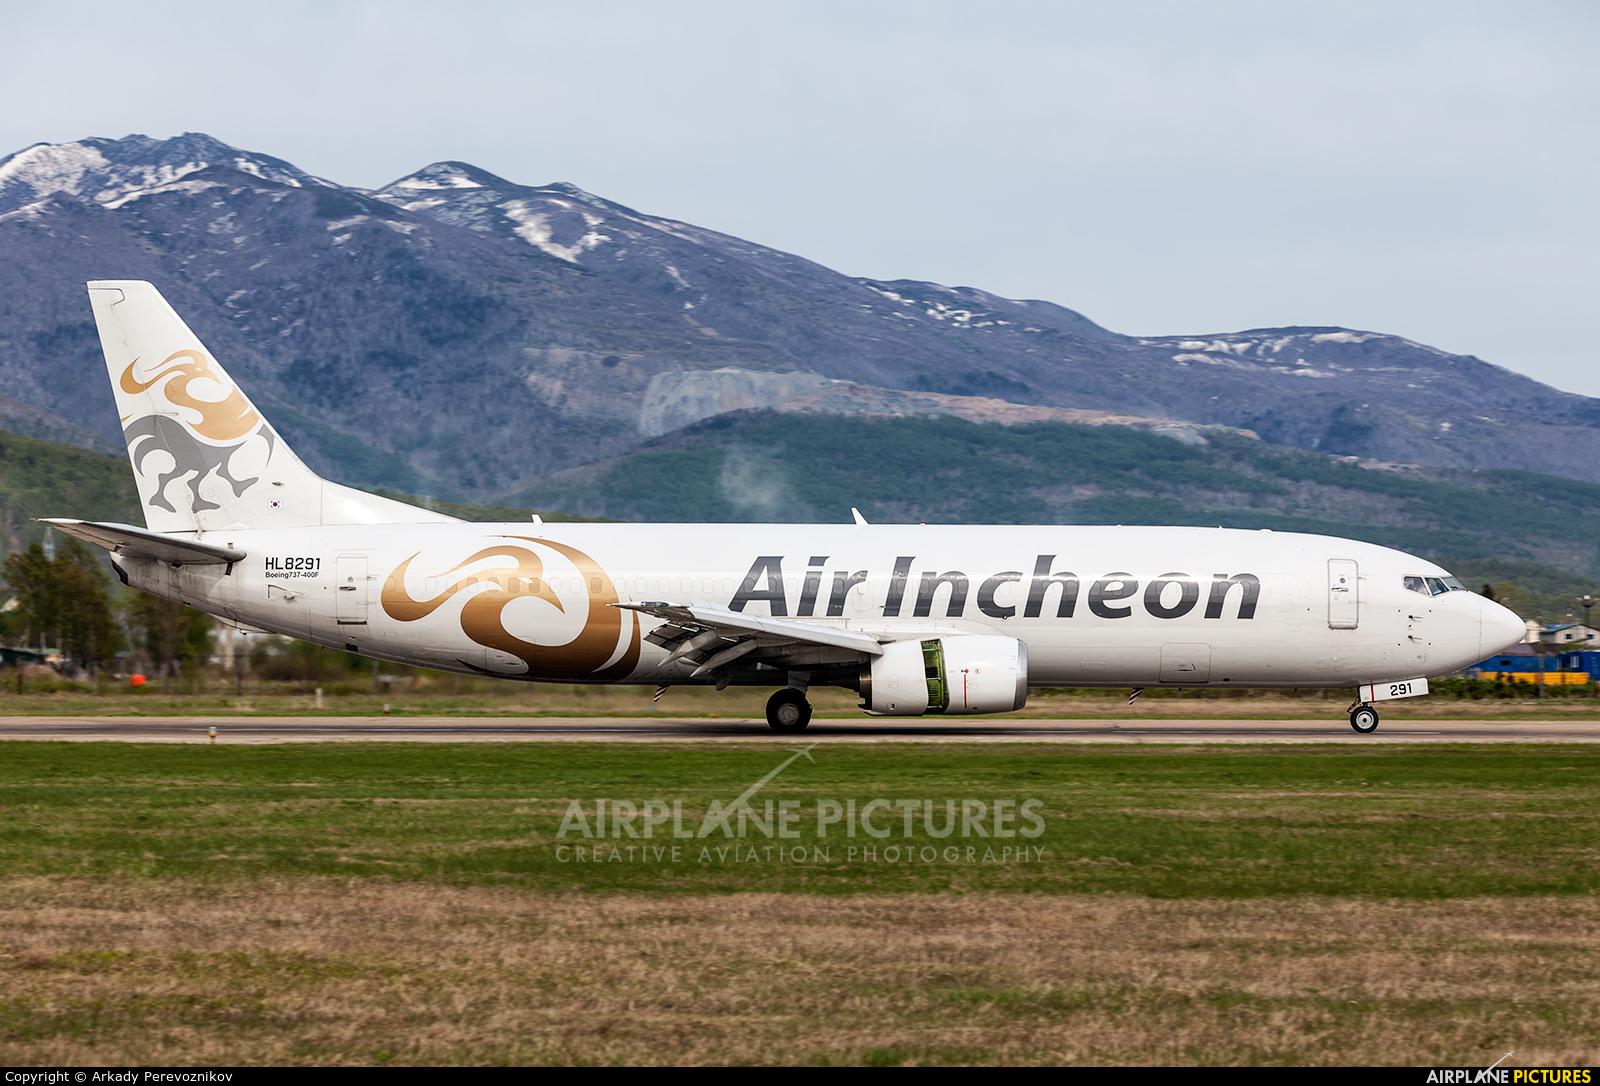 Air Incheon HL8291 aircraft at Yuzhno-Sakhalinsk